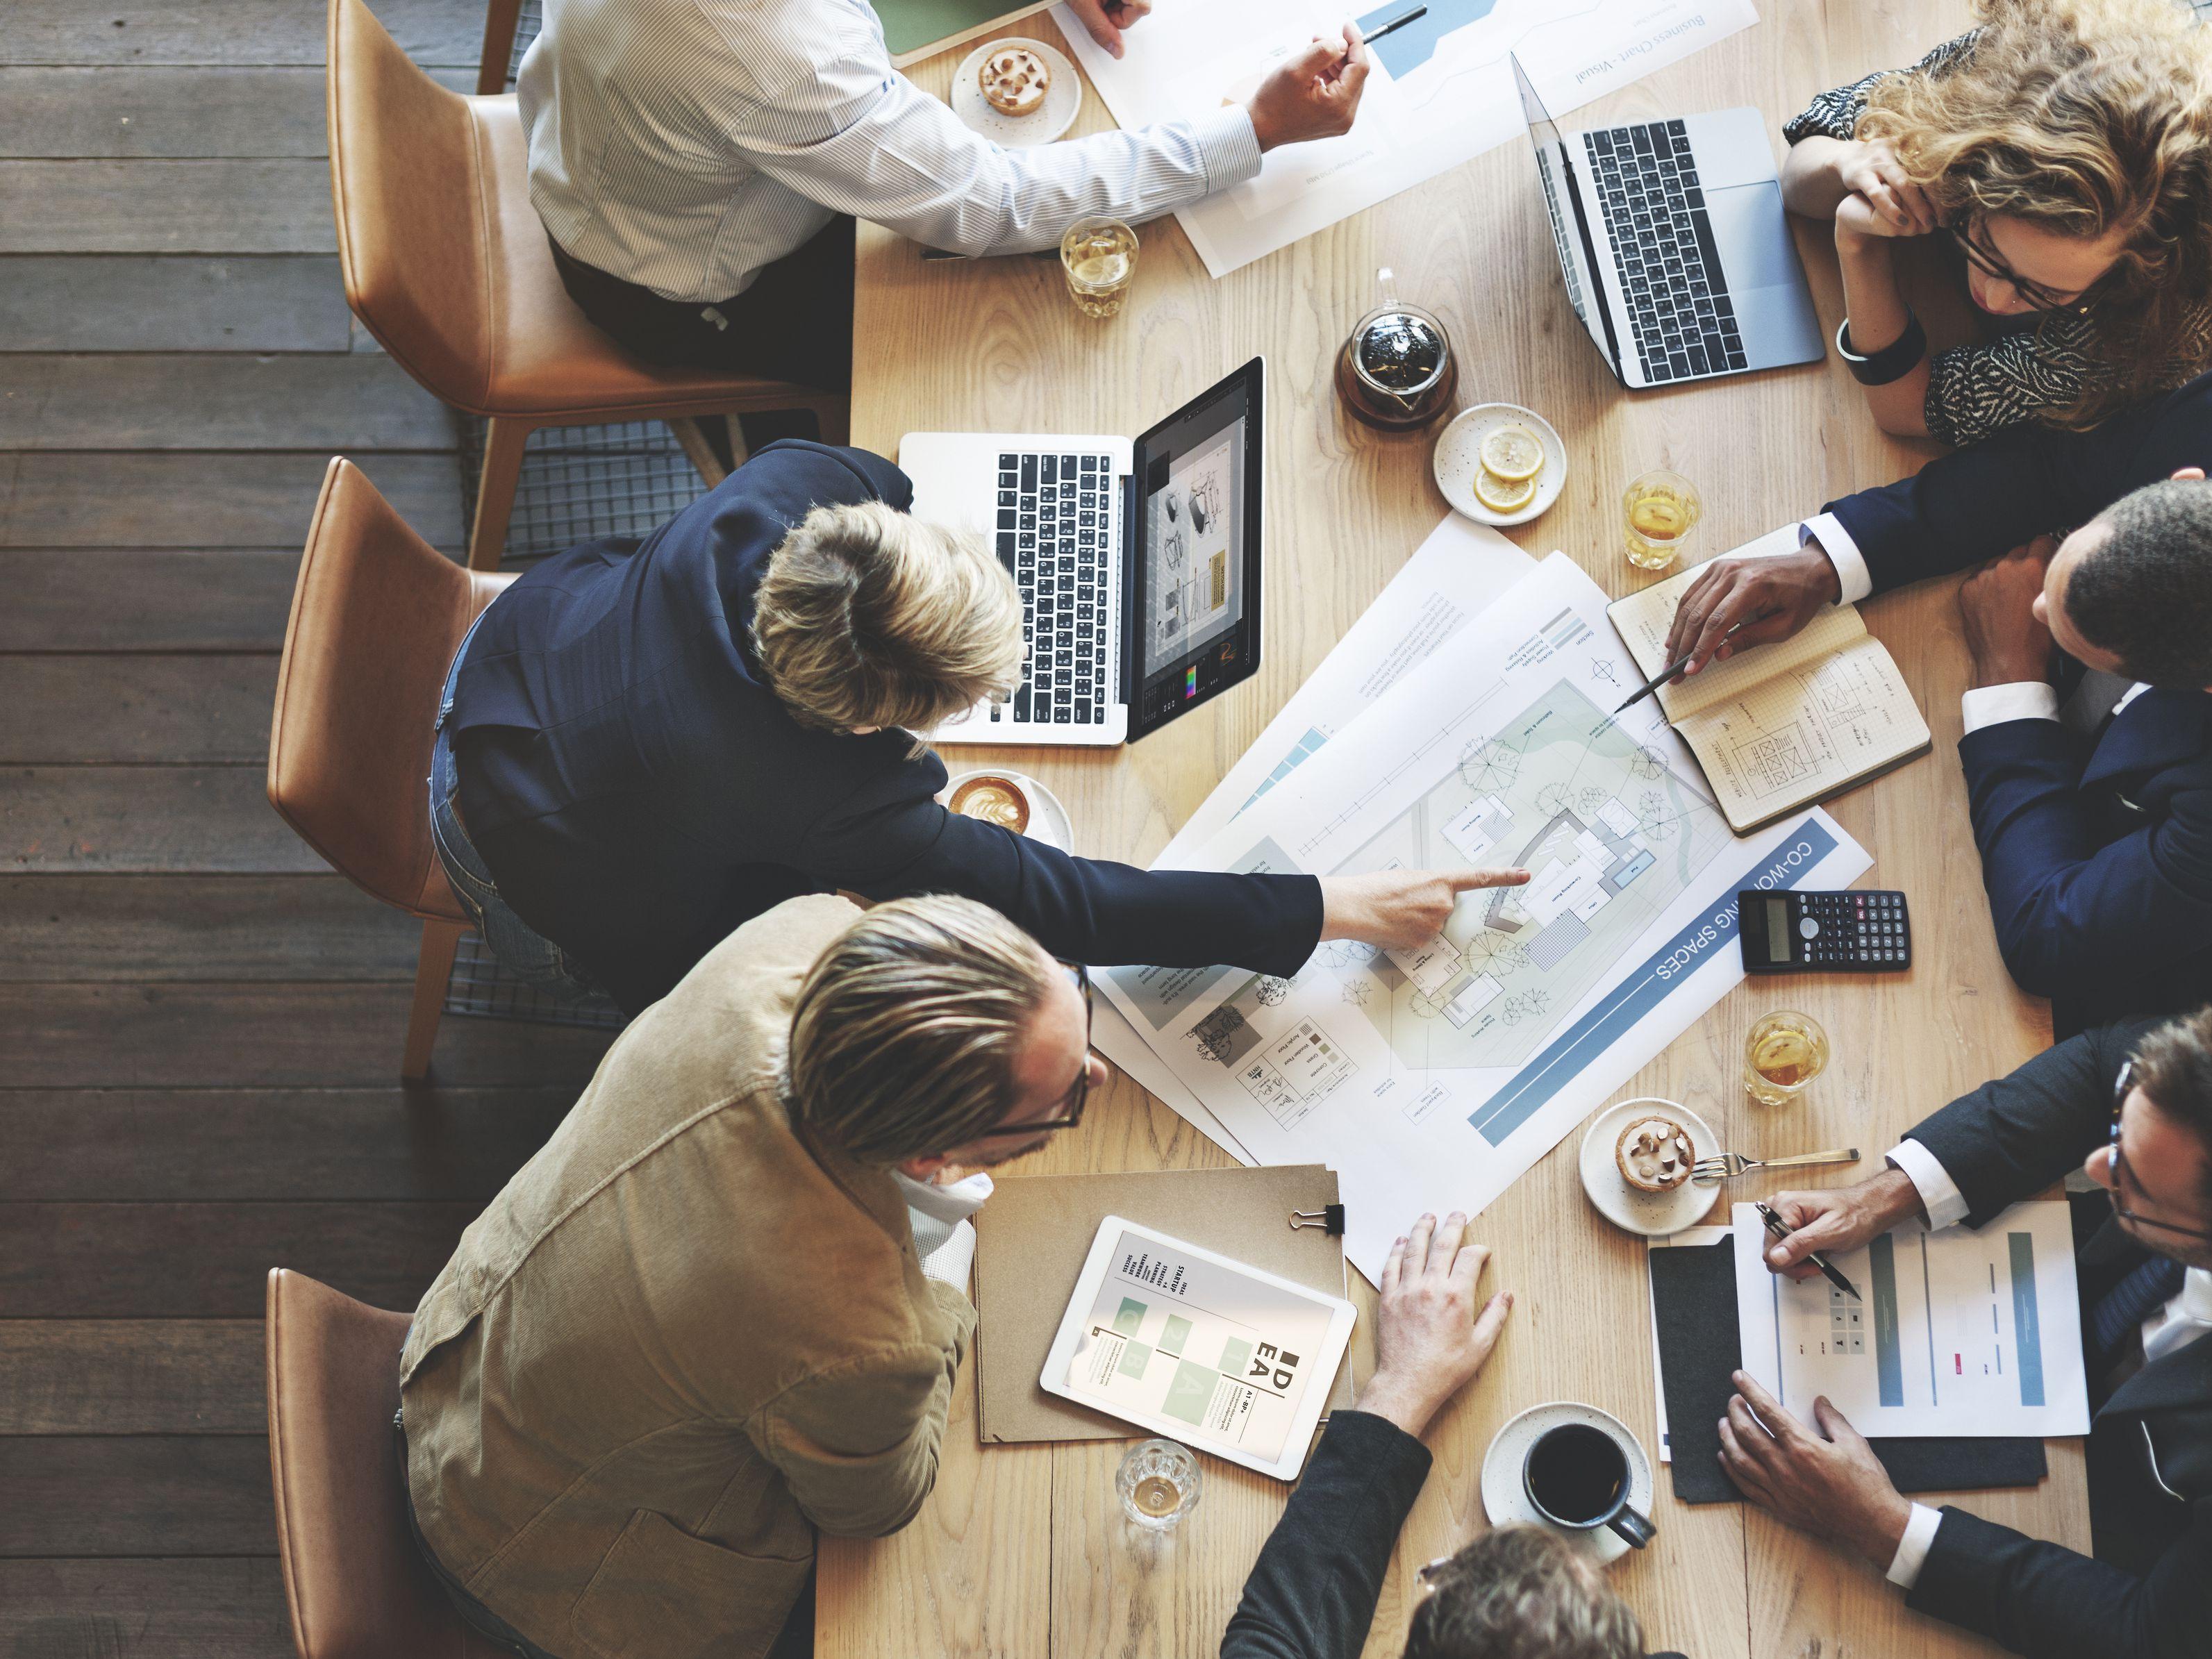 پنج عنصر کلیدیِ موفقیت در تغییرات سازمانی